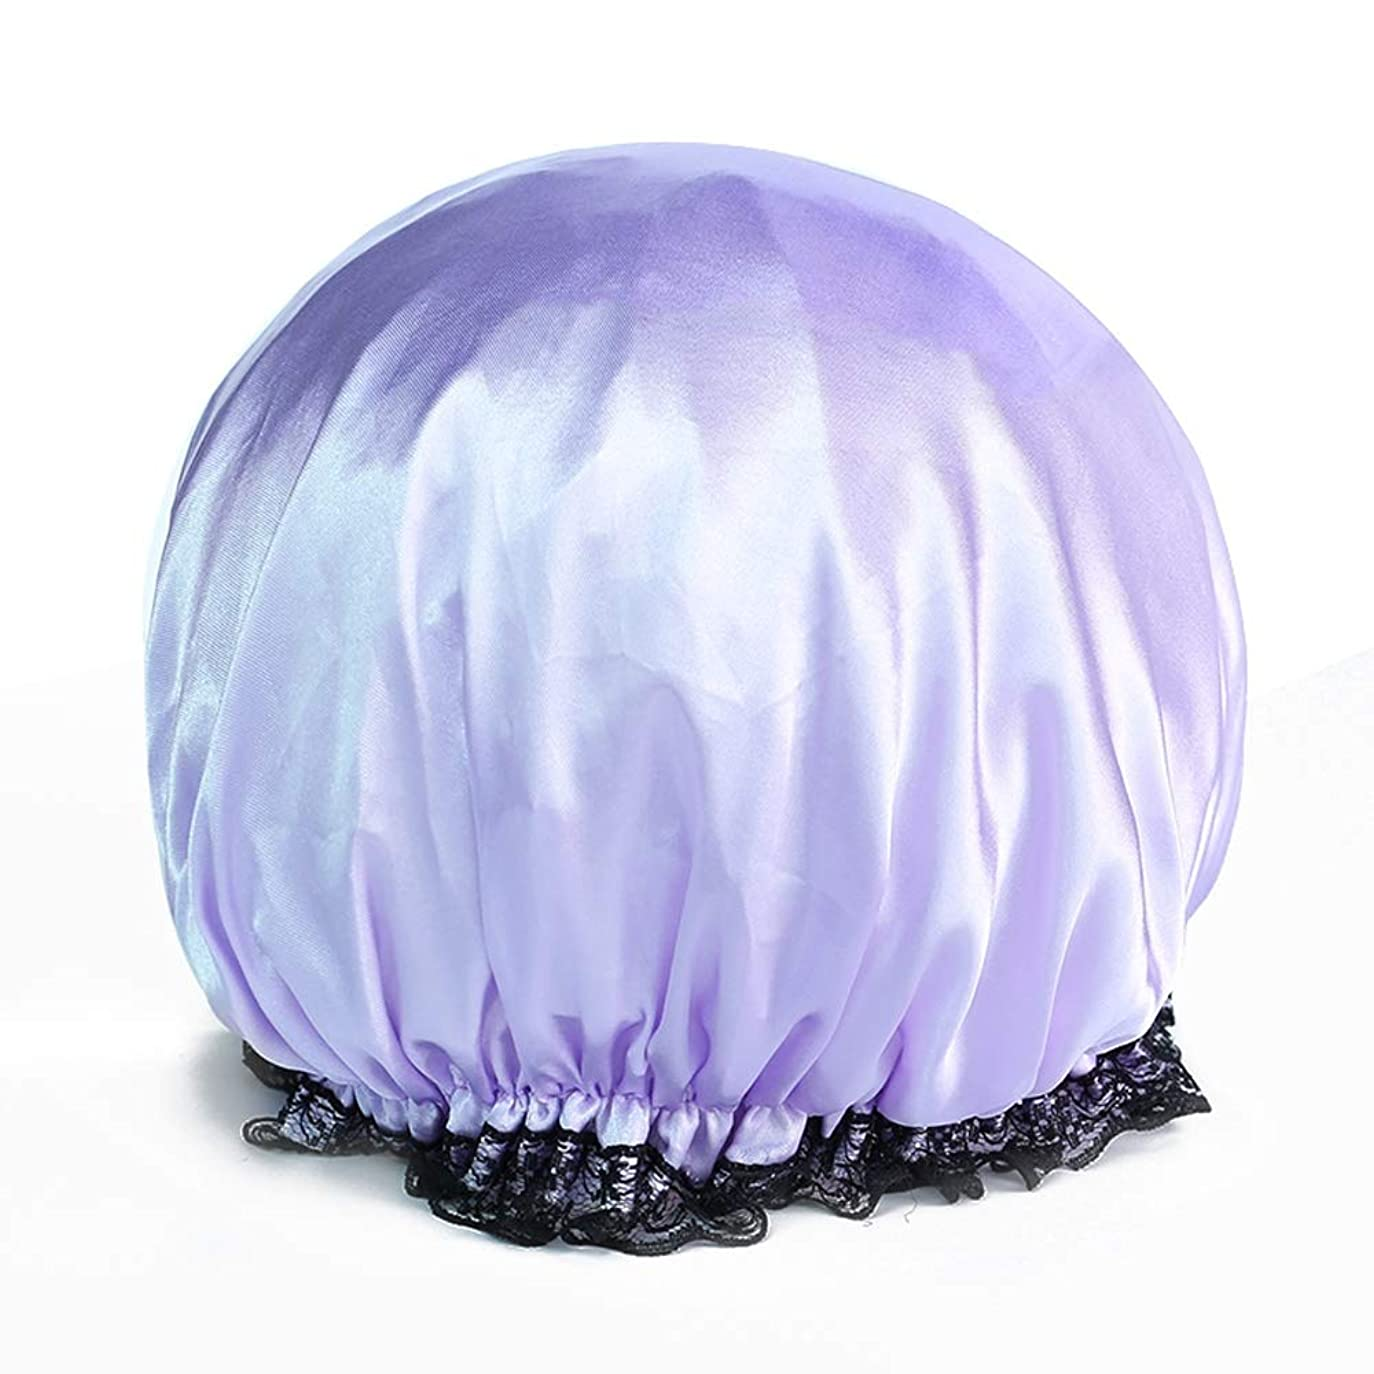 好奇心基礎時計回りYushulinfeng シャワーキャップダブル防水シャワーキャップお風呂シャワーキャップシャンプーキャップかわいい帽子キッチンレディアンチヒュームキャップヘアカラーキャップ (Color : Purple)